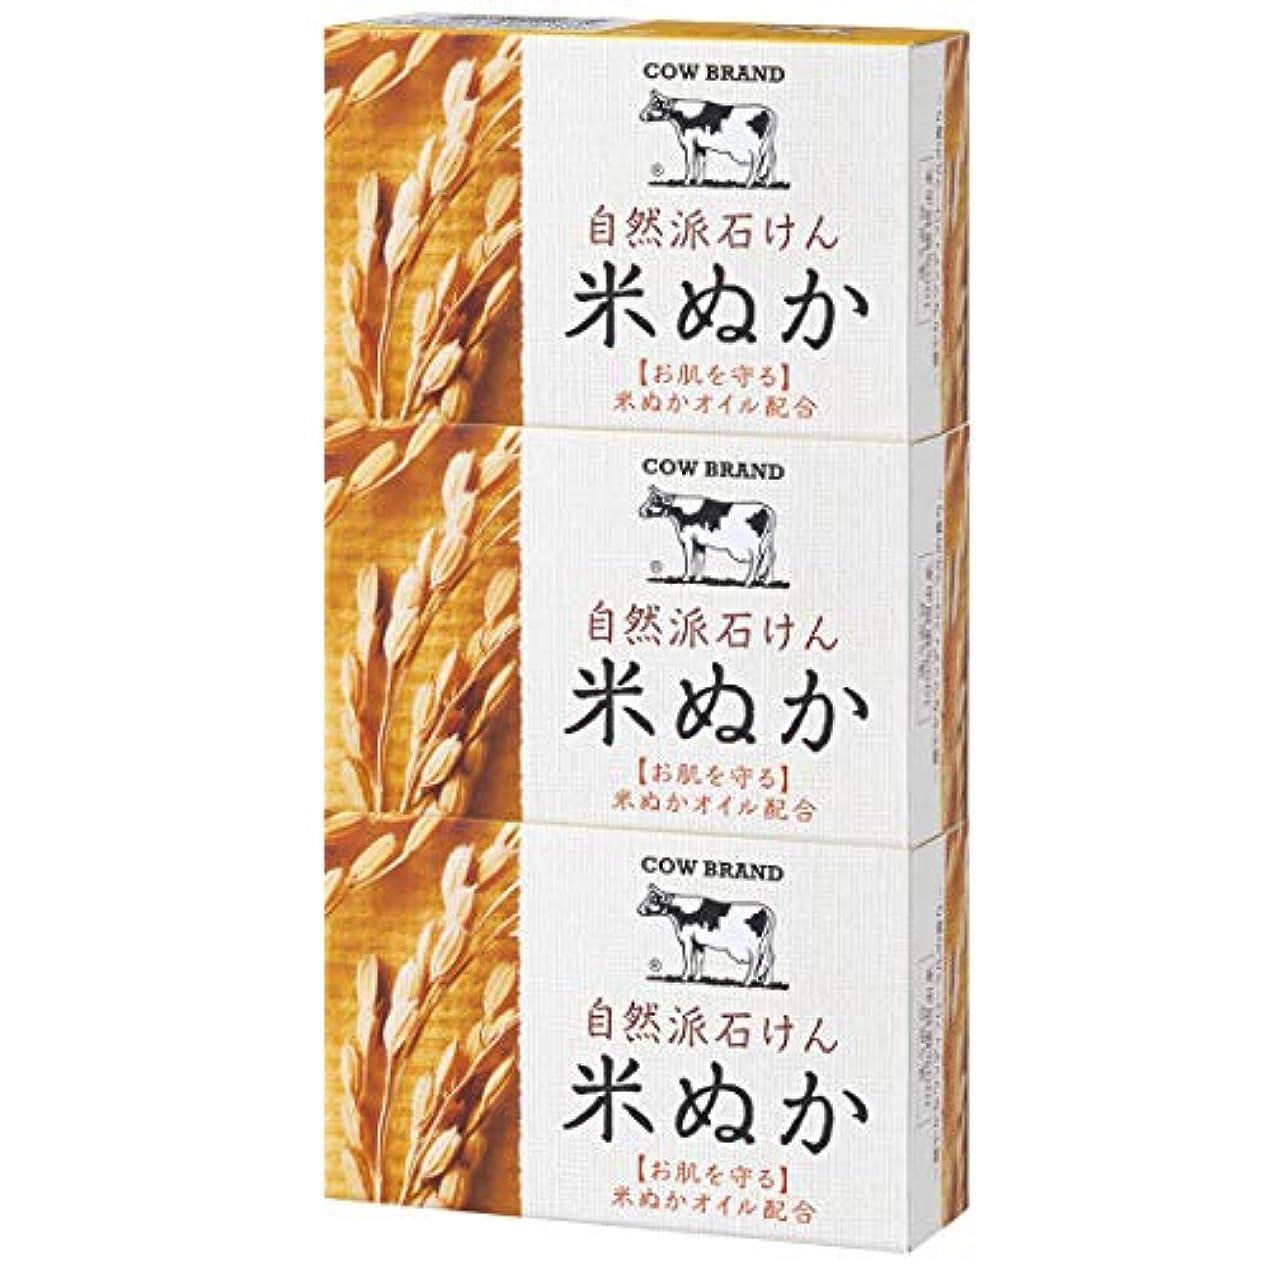 放棄反対する吐き出すカウブランド 自然派石けん 米ぬか 100g*3個